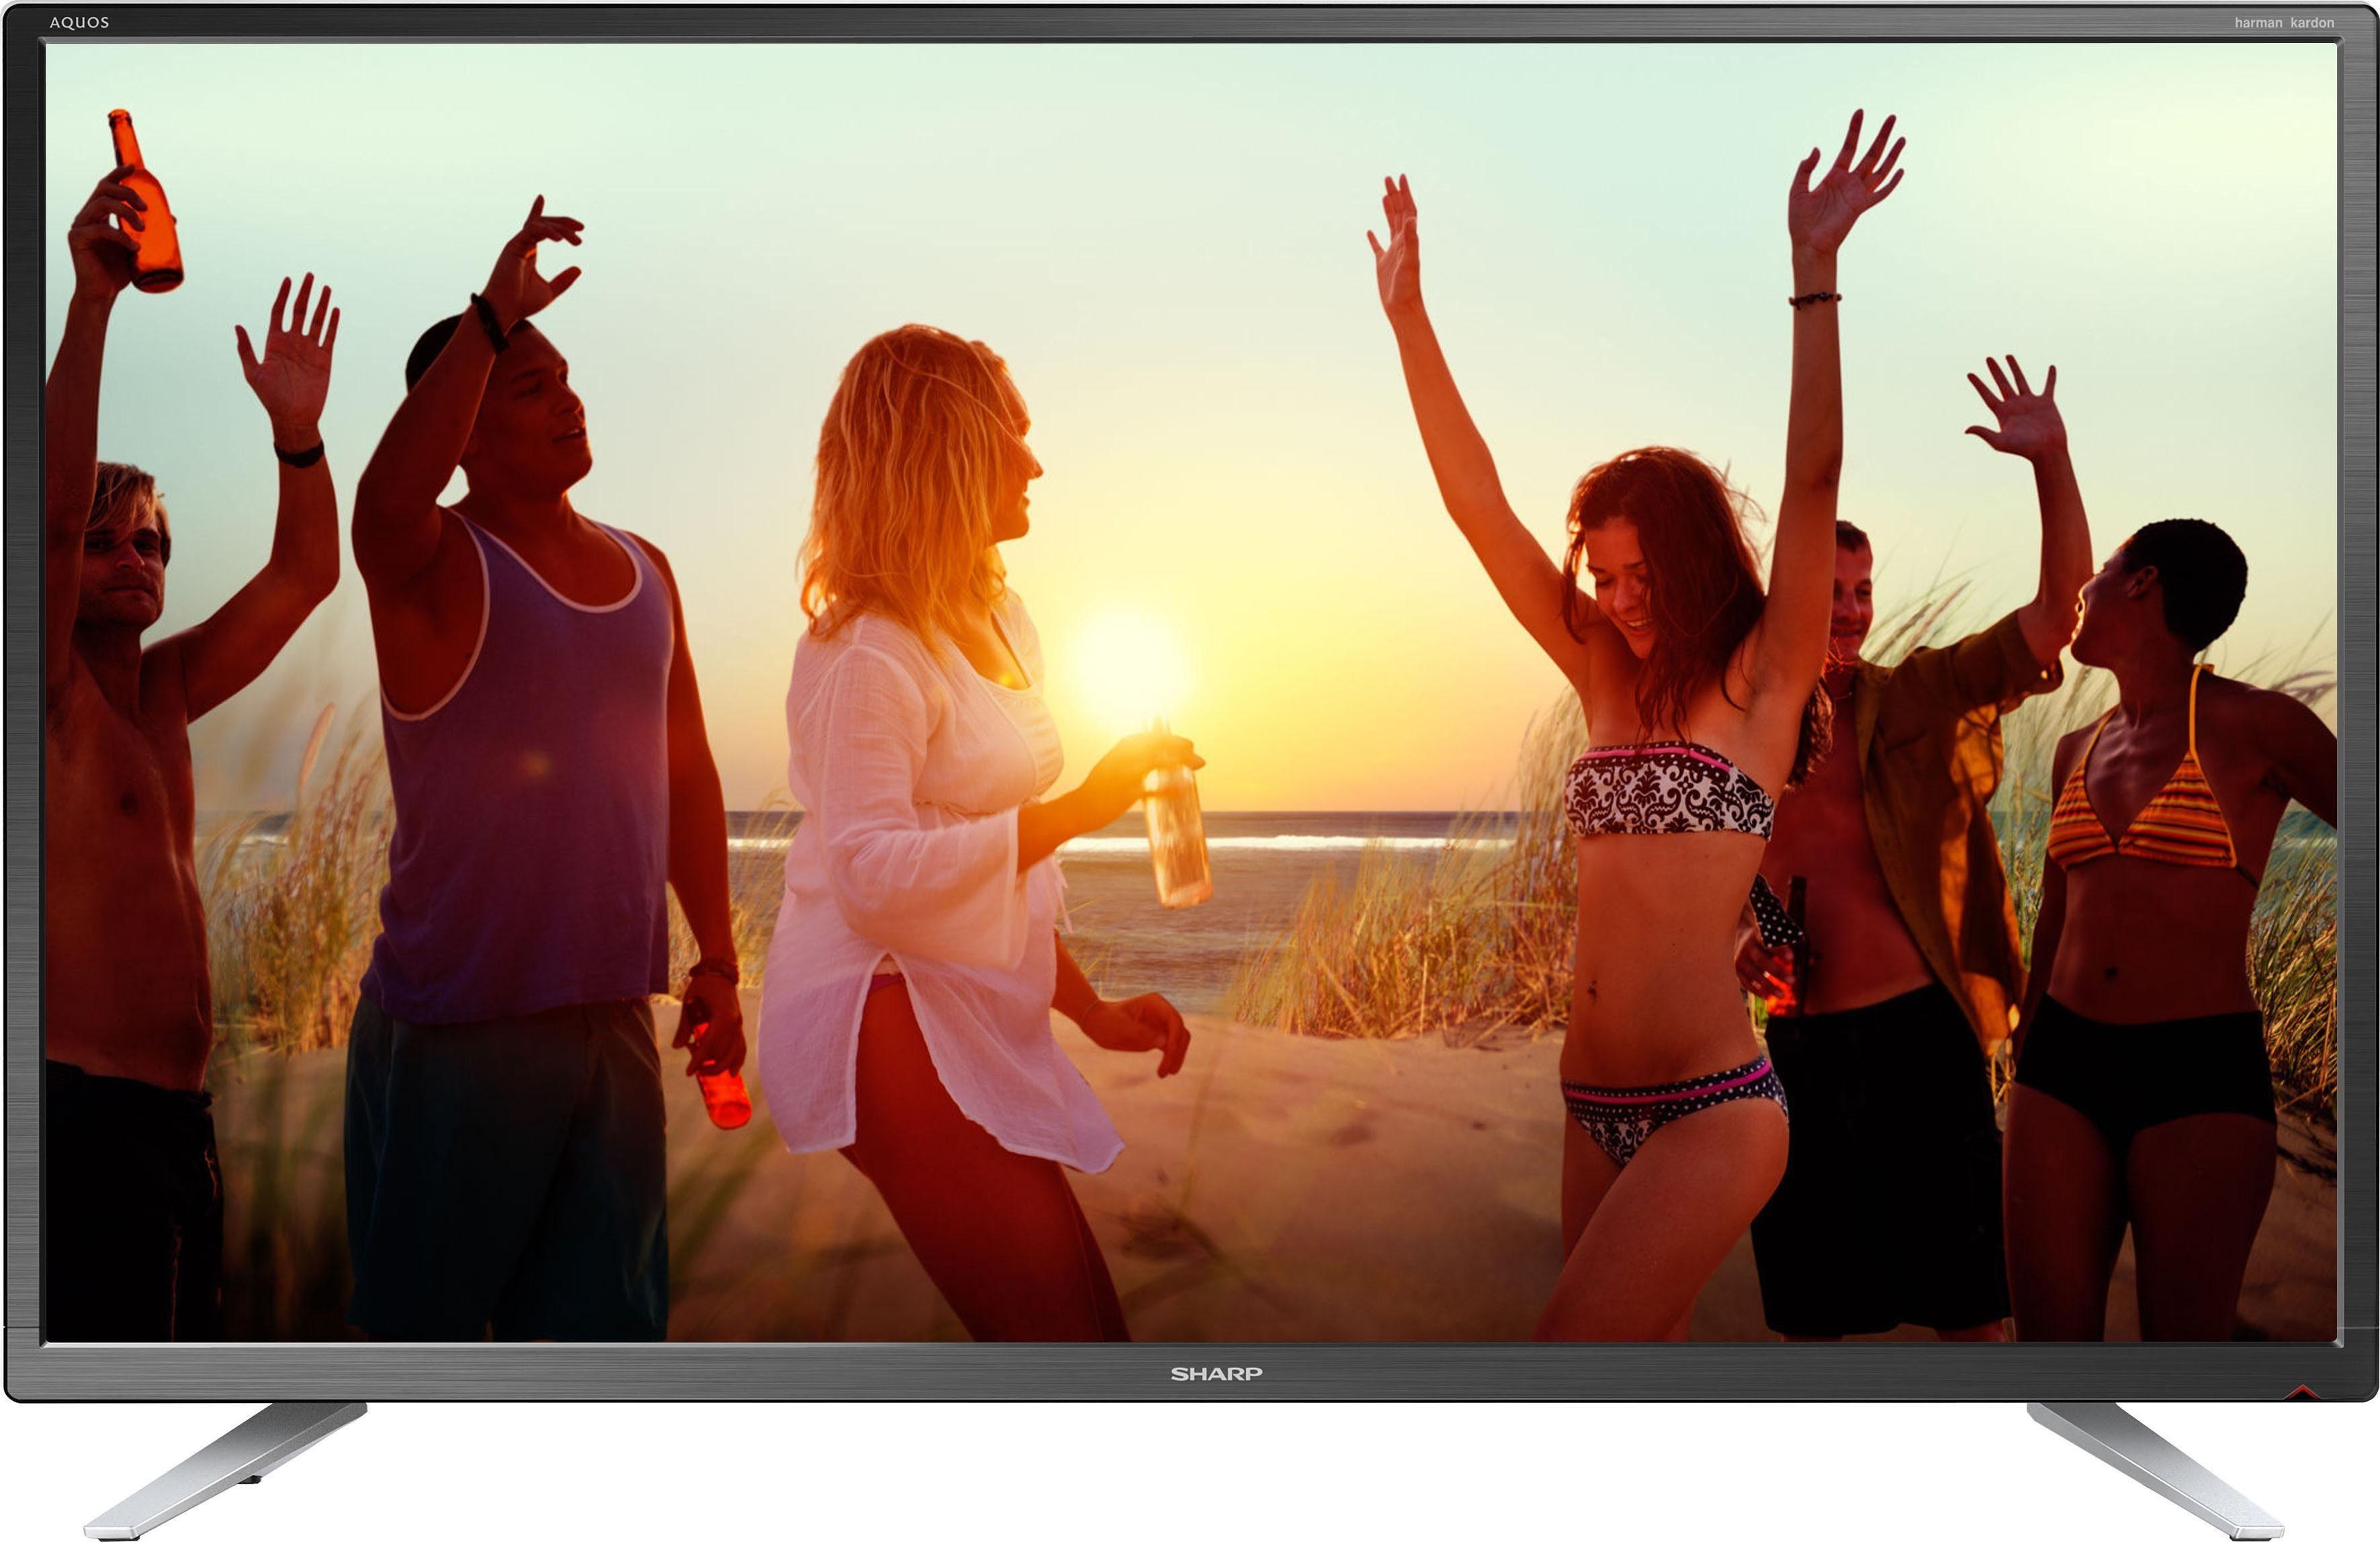 Sharp LC-32CFG6022E LED-Fernseher (81 cm/32 Zoll, Full HD, Smart-TV)